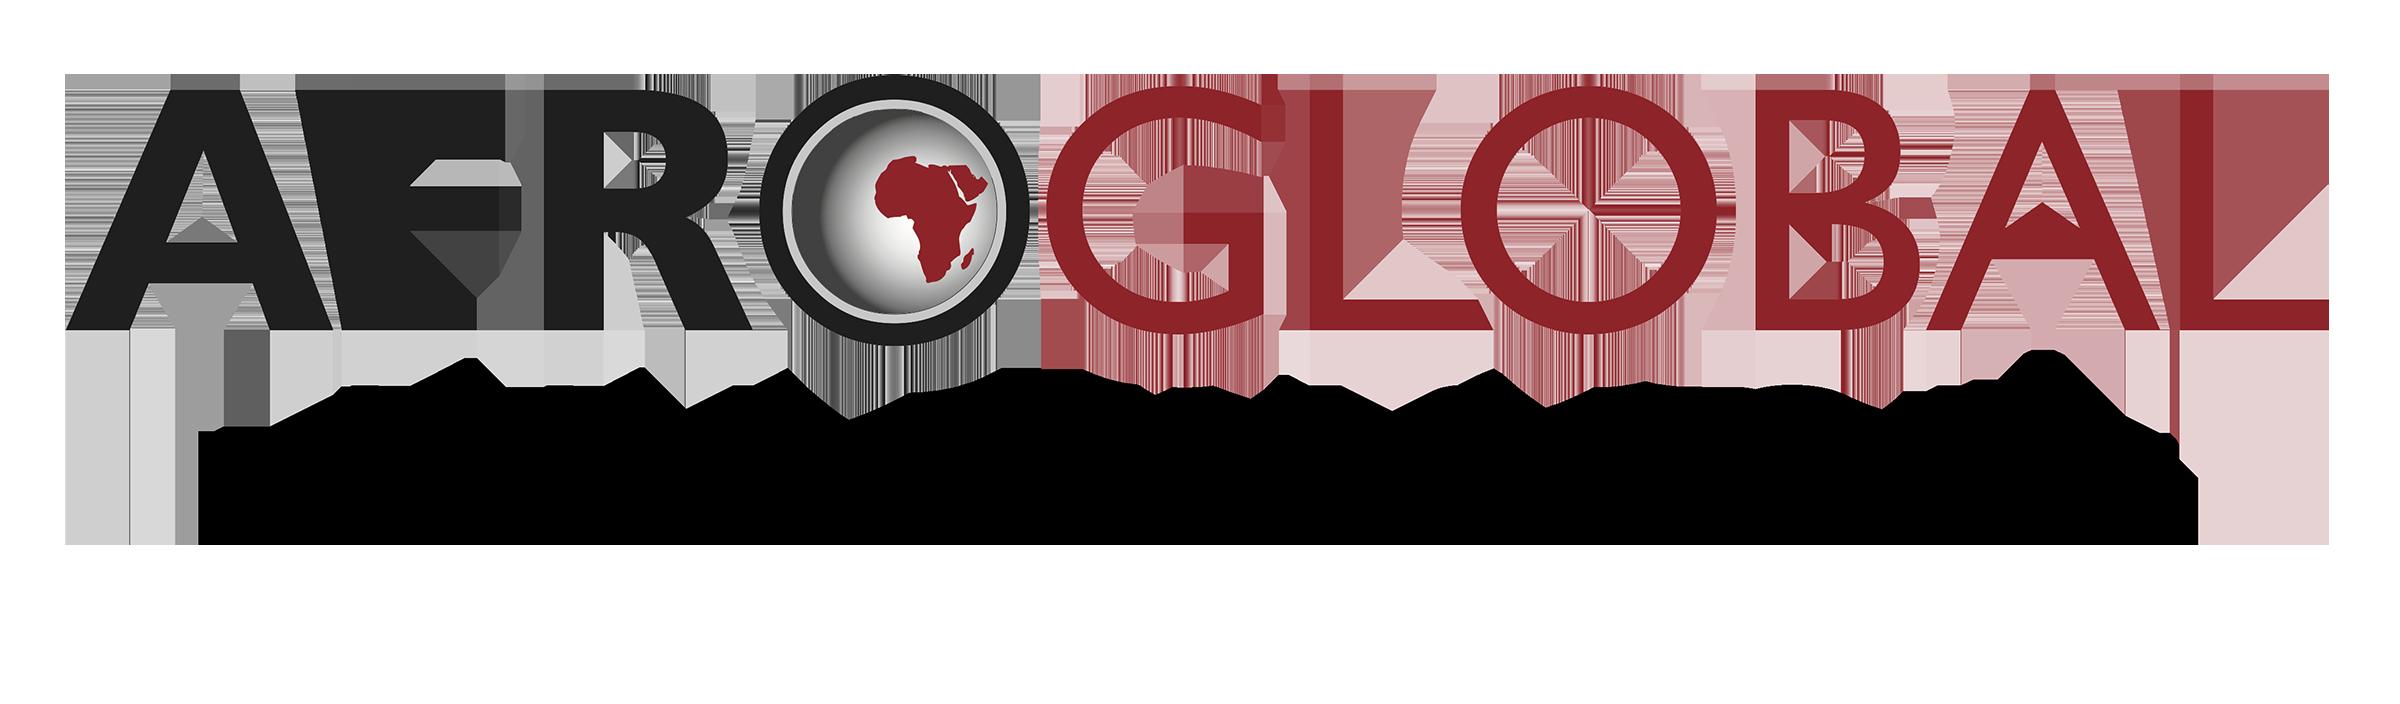 Afroglobal Image